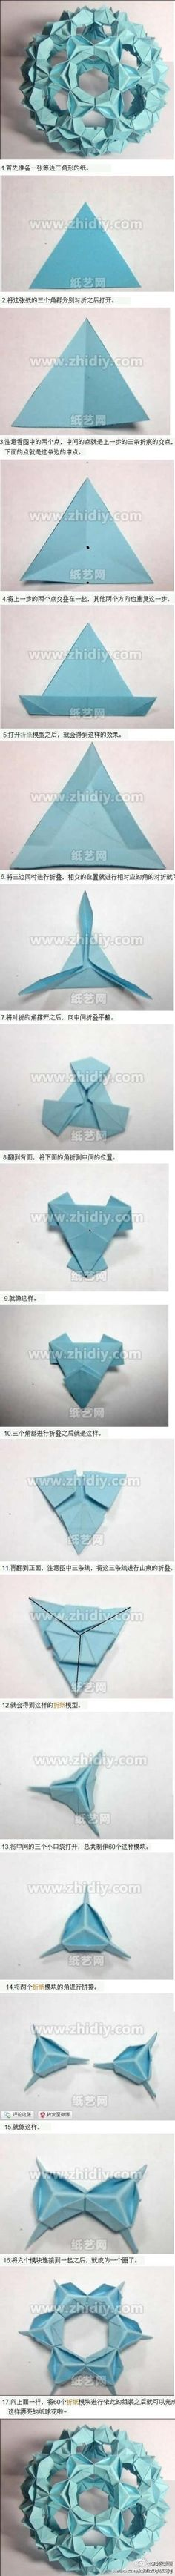 【蓝色之星纸球花手工折纸教程】不但名字非常美,同时这个折纸教程所制作的纸球花也确实很漂亮。制作出来的效果是三角形的星形,而在镂空处拼凑起来的部分恰好又是五角形,所以这个纸球花也得到了蓝色之星这样一个美妙的名字。